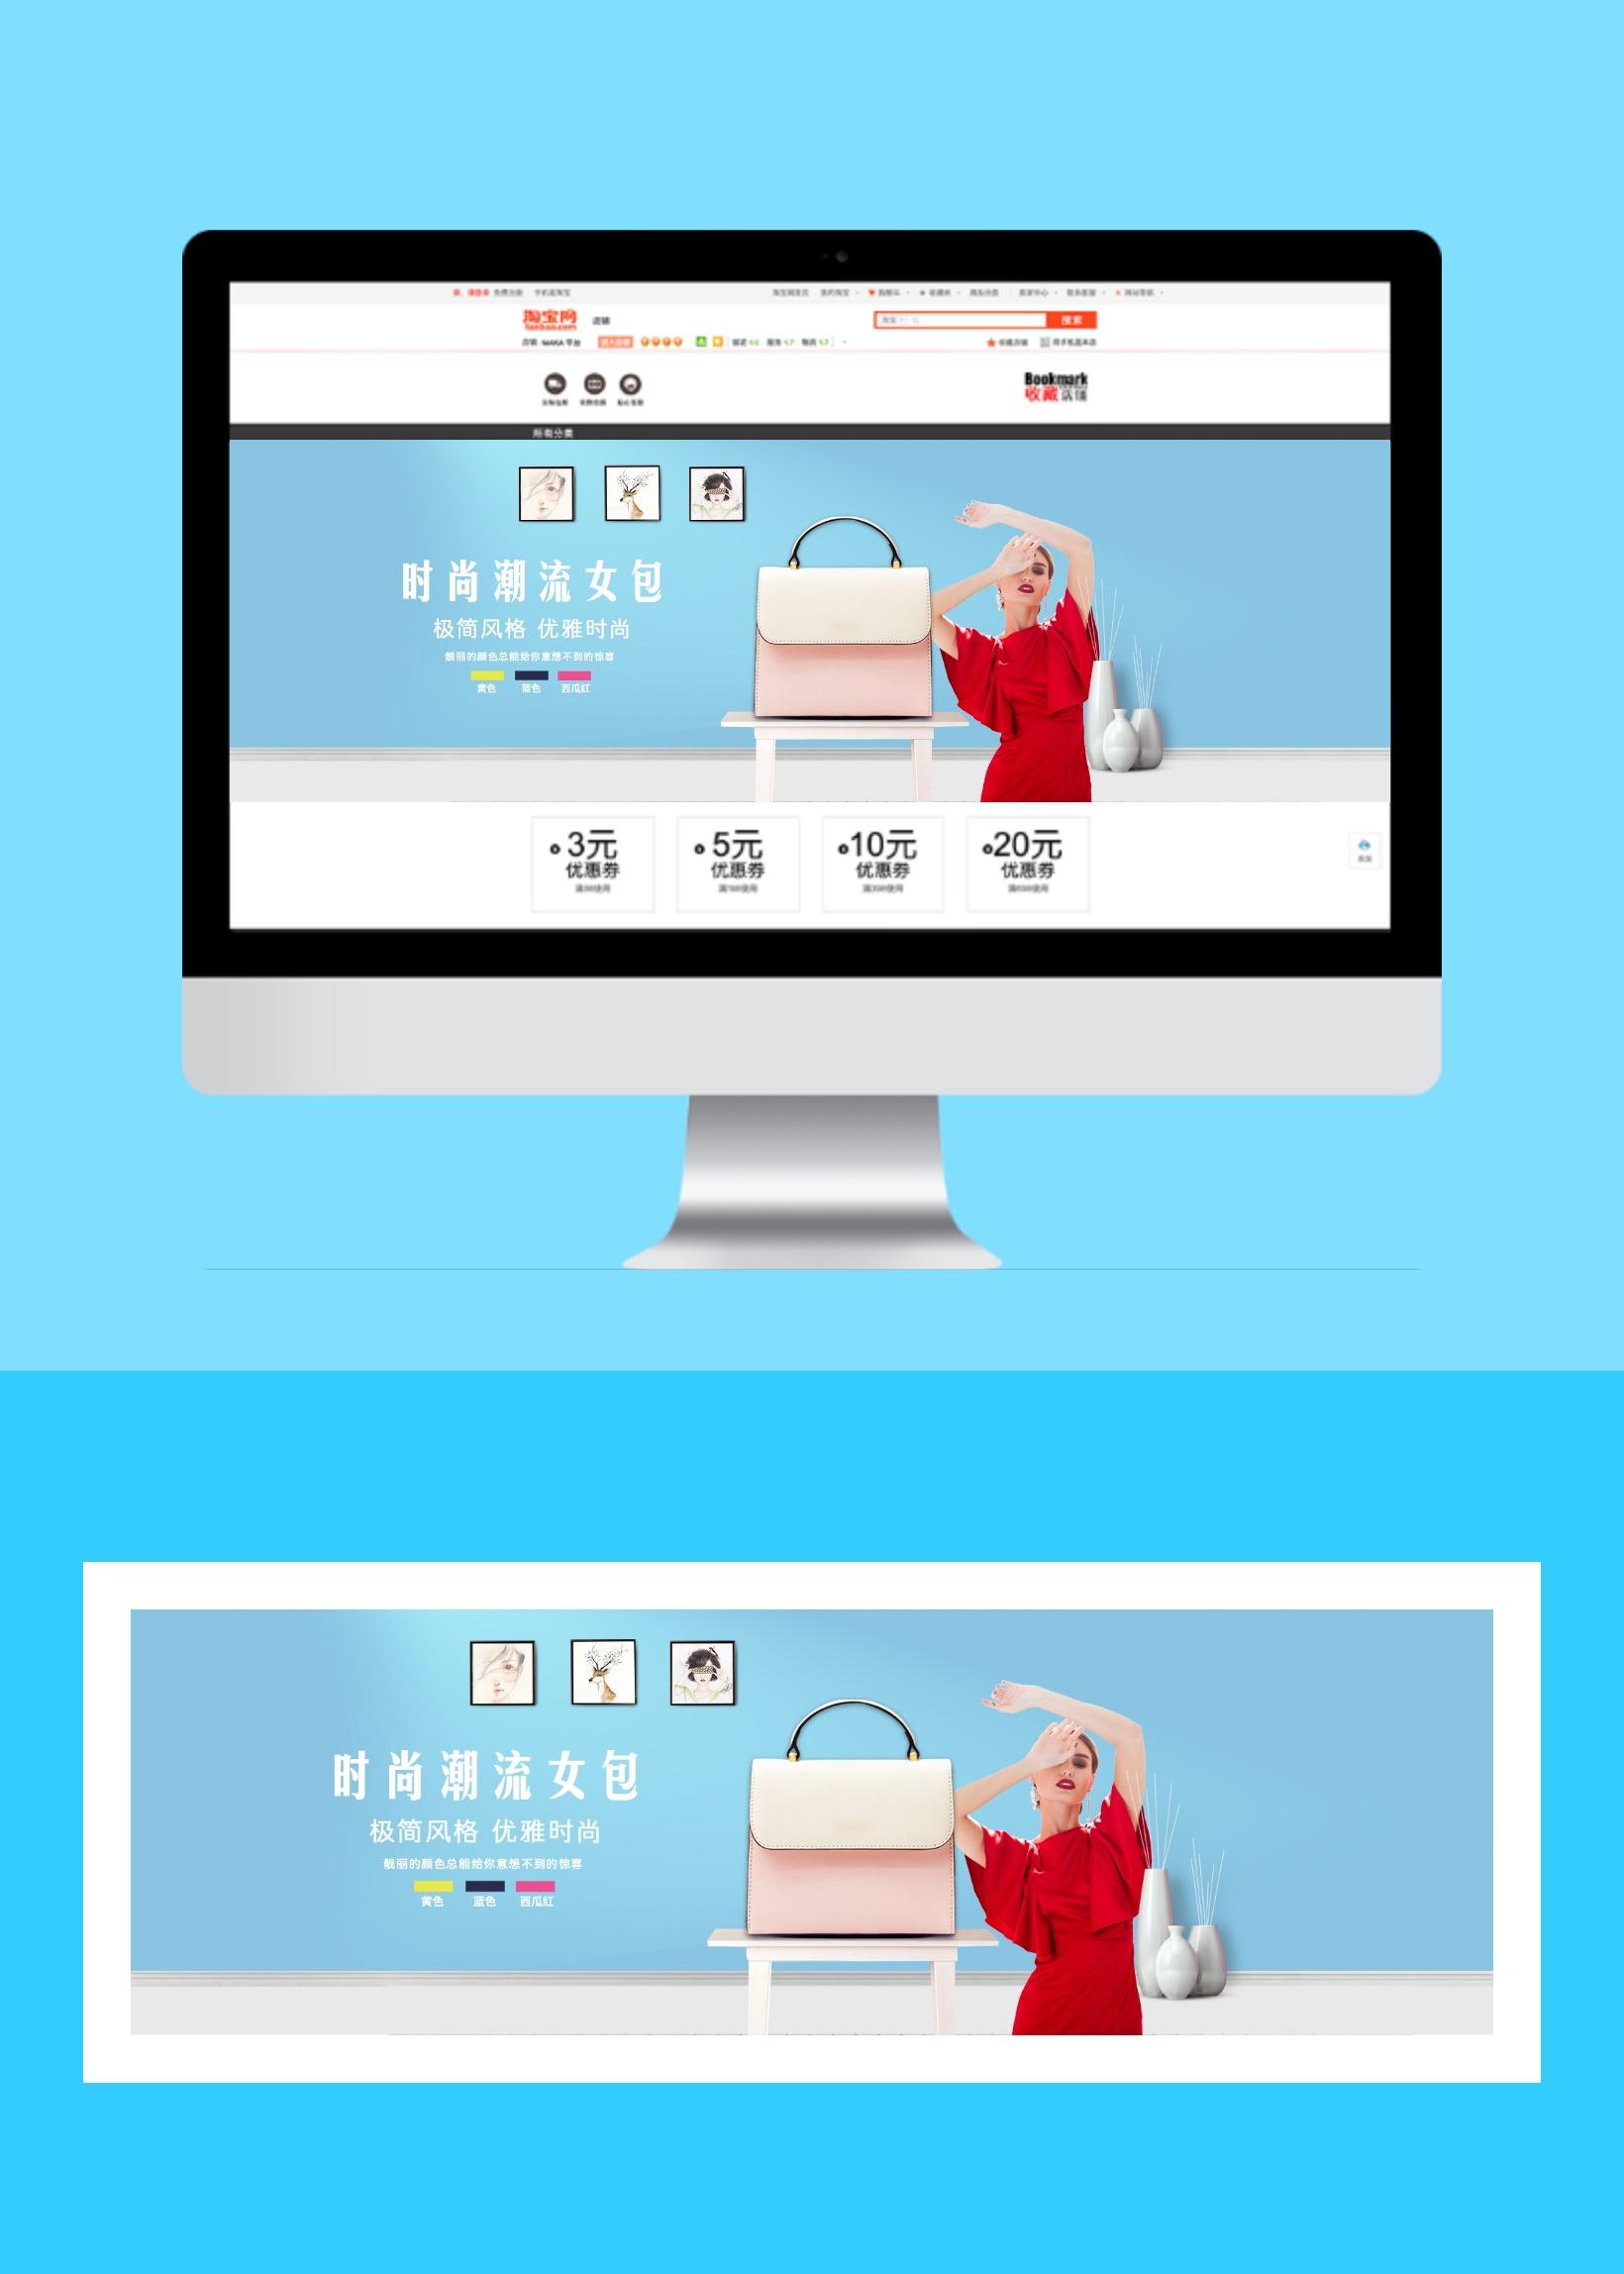 新春扁平简约服饰箱包电商产品促销宣传banner